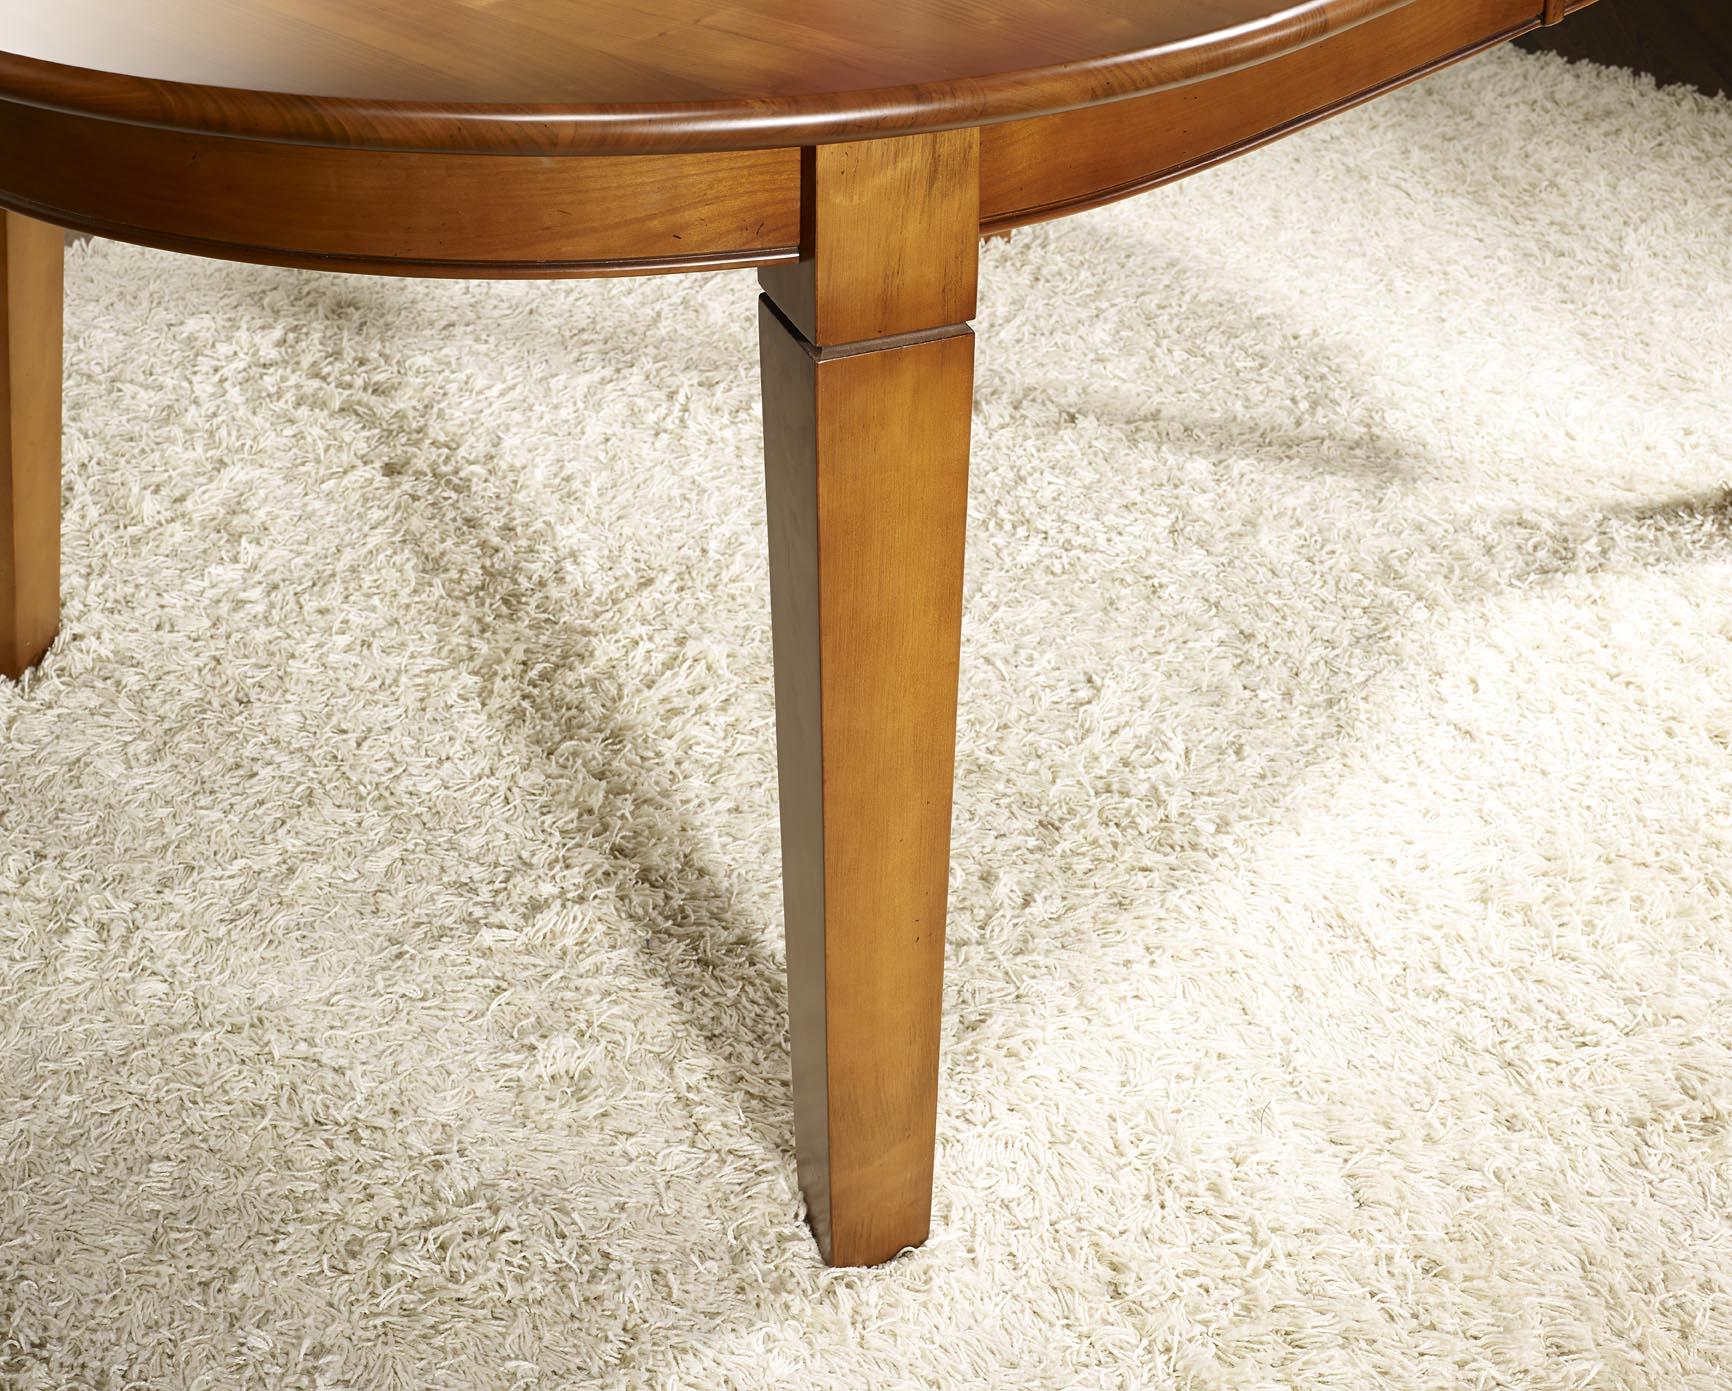 Table ovale 180x110 en merisier de style campagne 4 pieds for Table ovale en bois massif